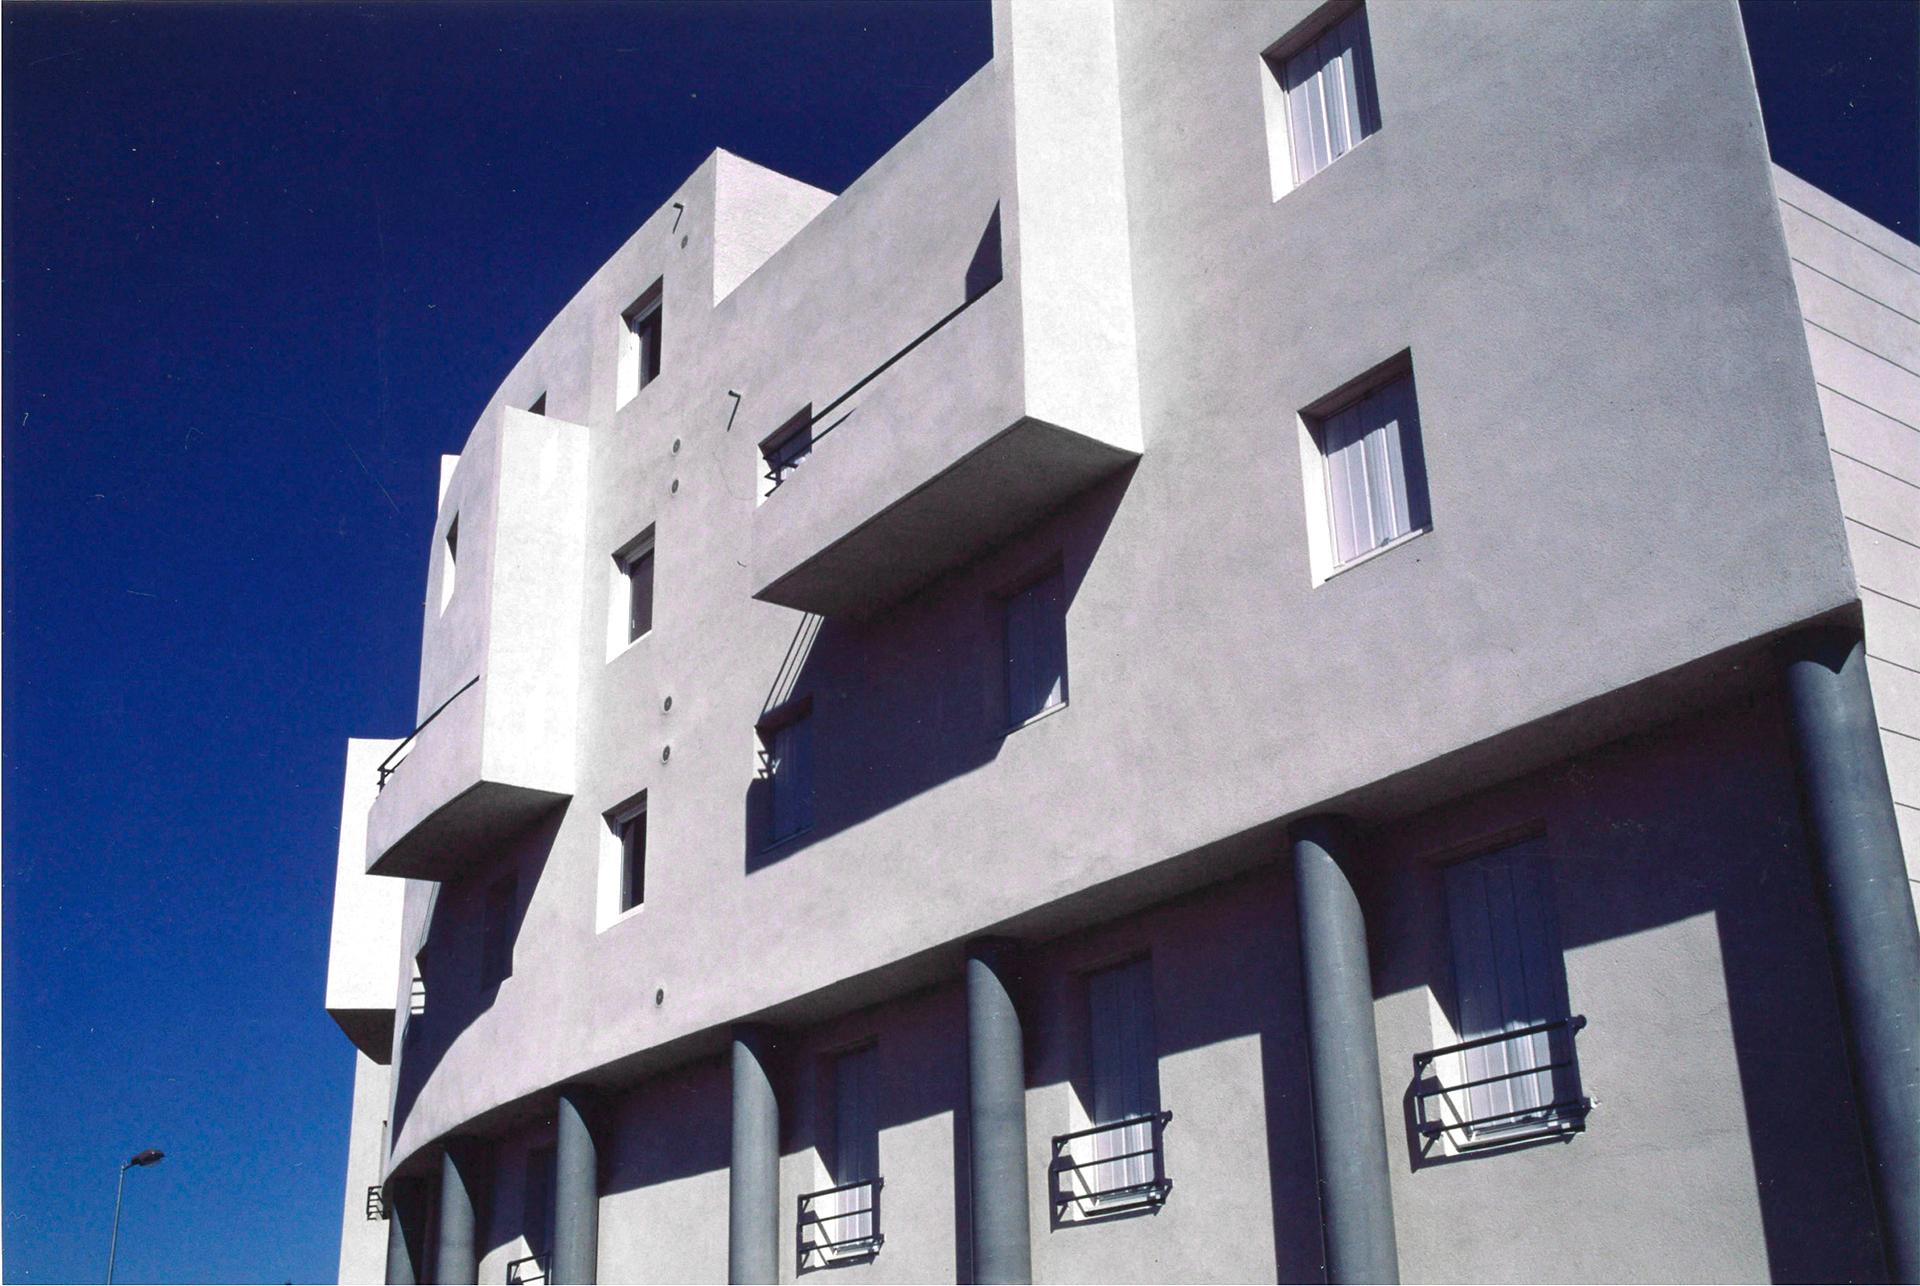 LA PIERRE BLANCHE LOGEMENTS COMMERCES PARKINGS AVIGNON 1987-1991